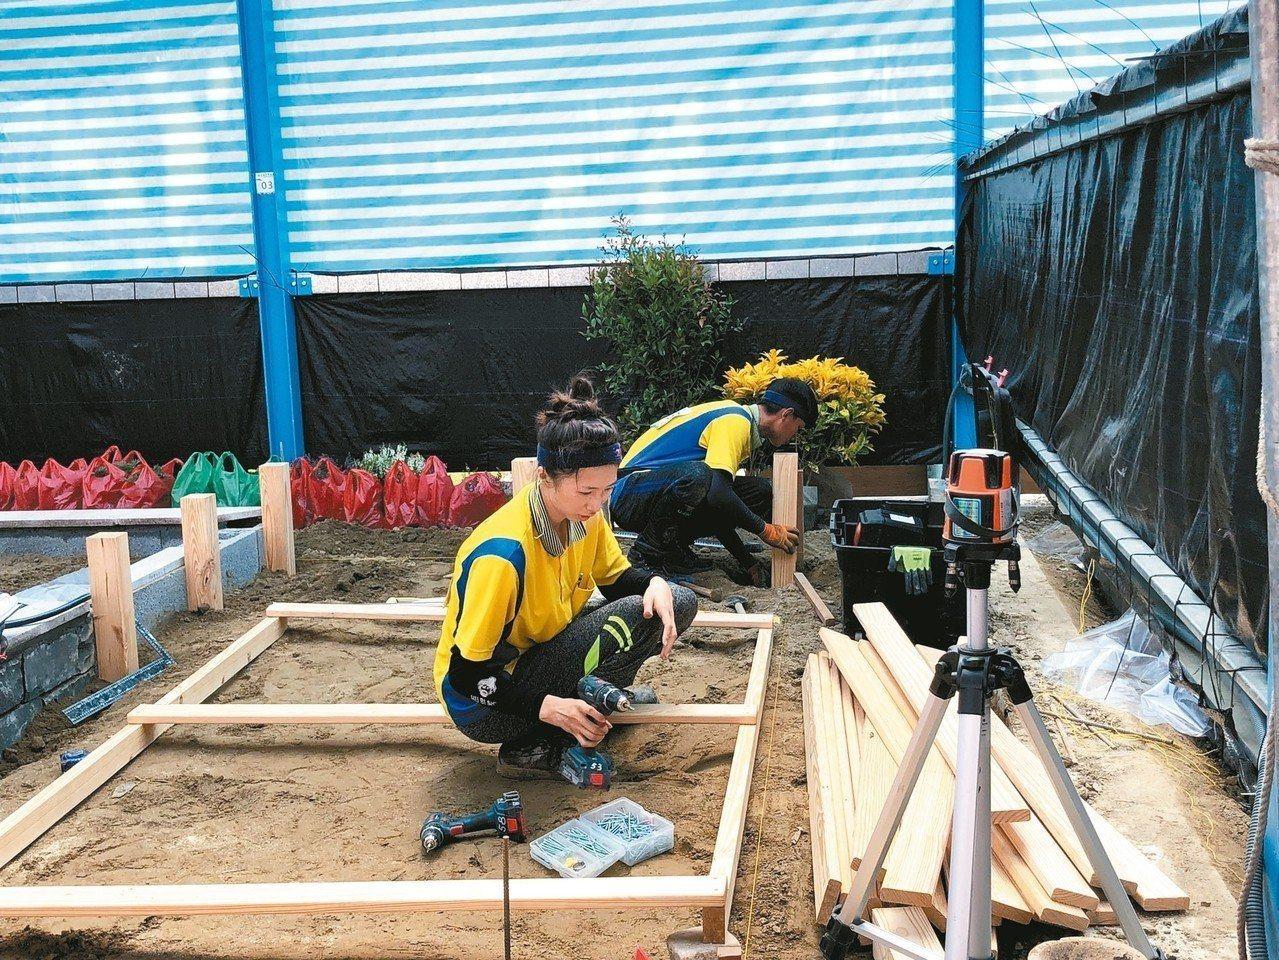 勞動部預告修正「技術士技能檢定規費收費標準」,其中以造園景觀調漲最多,丙級術科從...